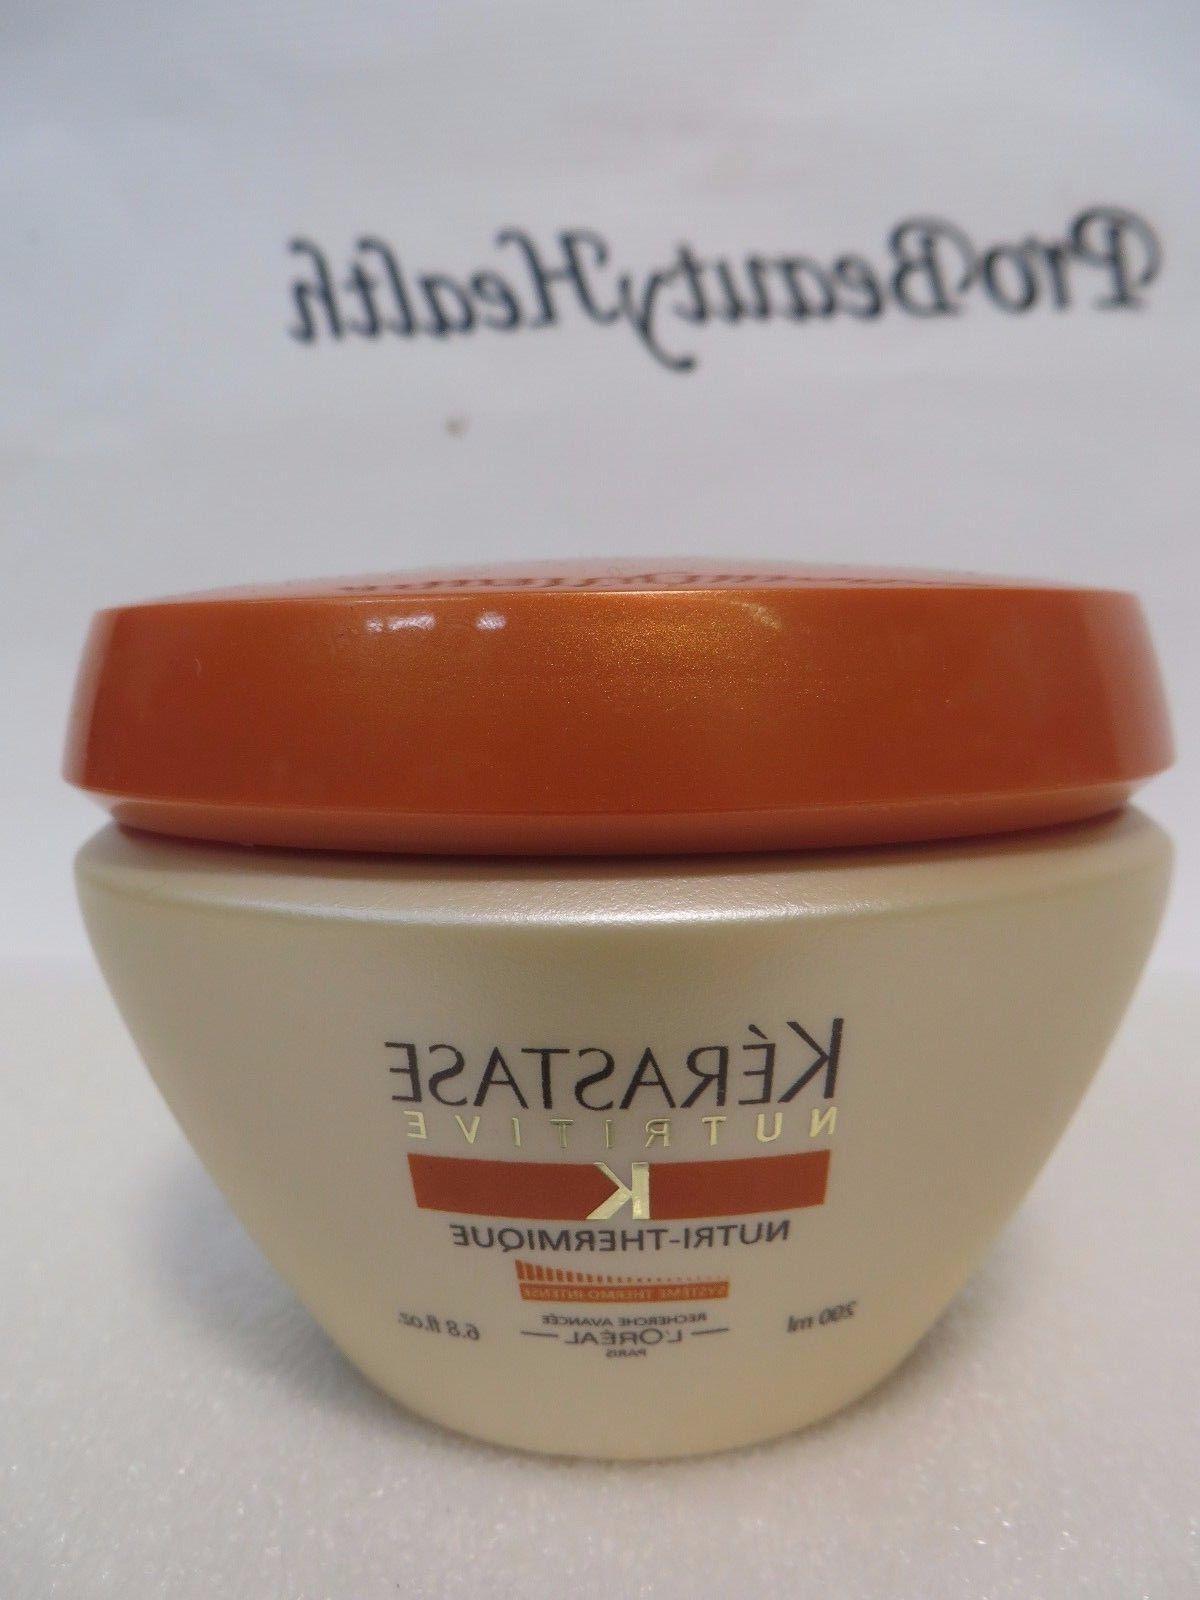 nutritive thermique treatment masque 6 8 oz